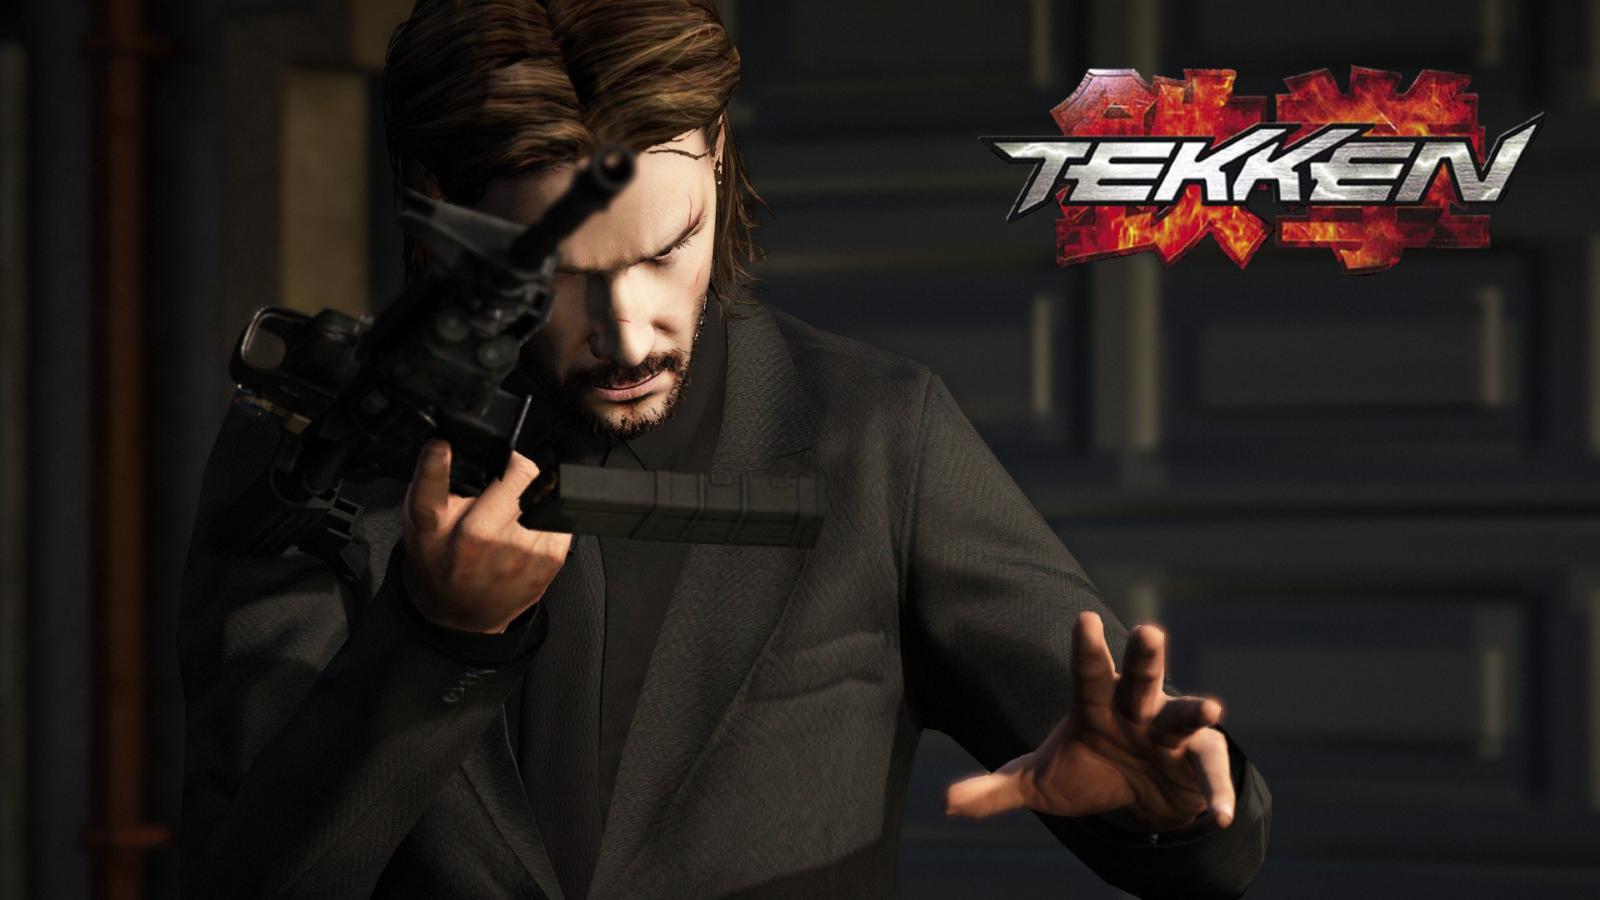 John Wick At Tekken 8 Bandai Namco Teases John Wick In Screenshots